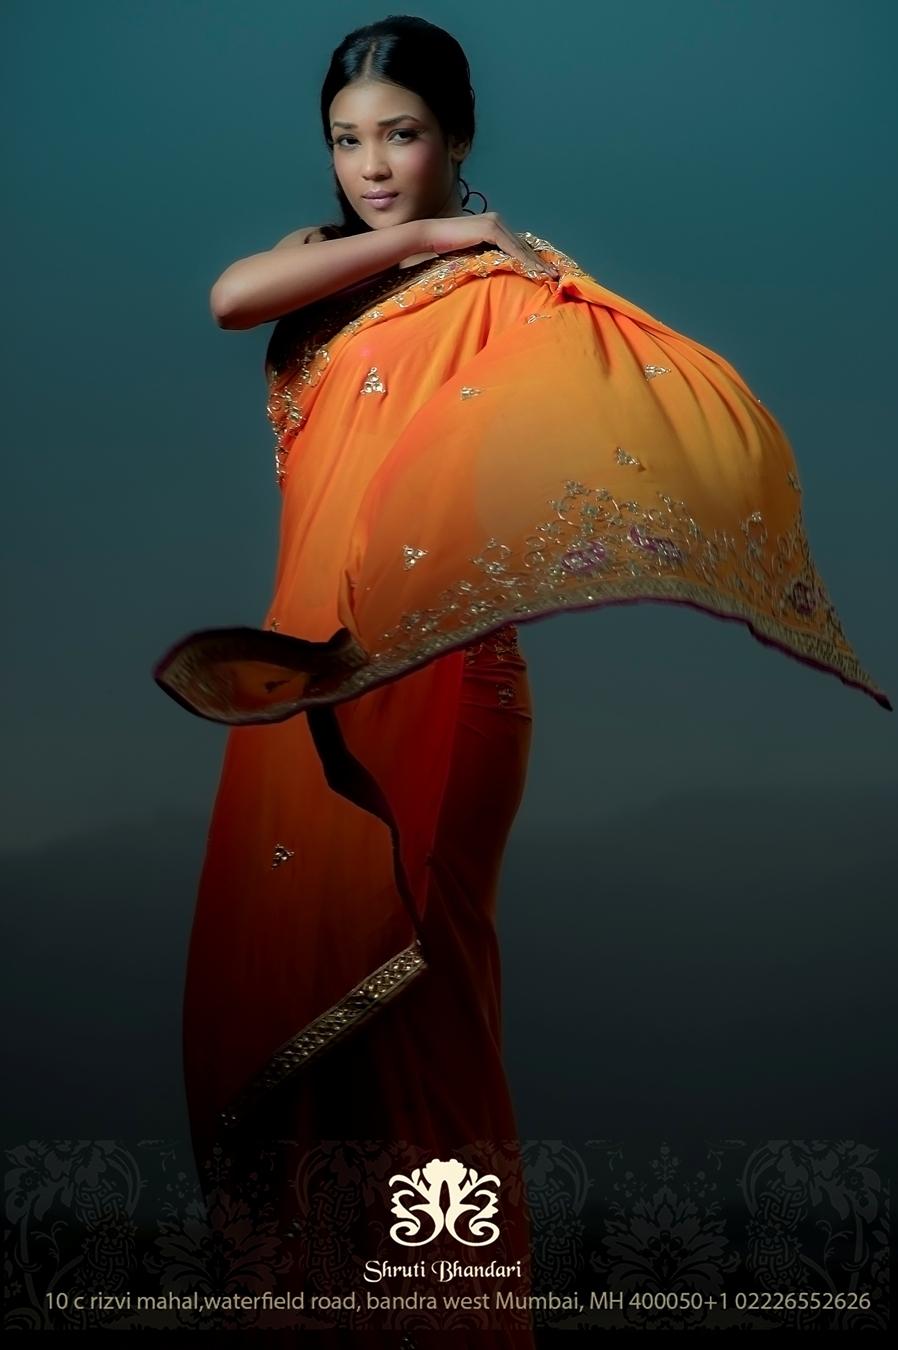 Model Arlette Grao in Designer Shruti Bhandari's Orange Saree